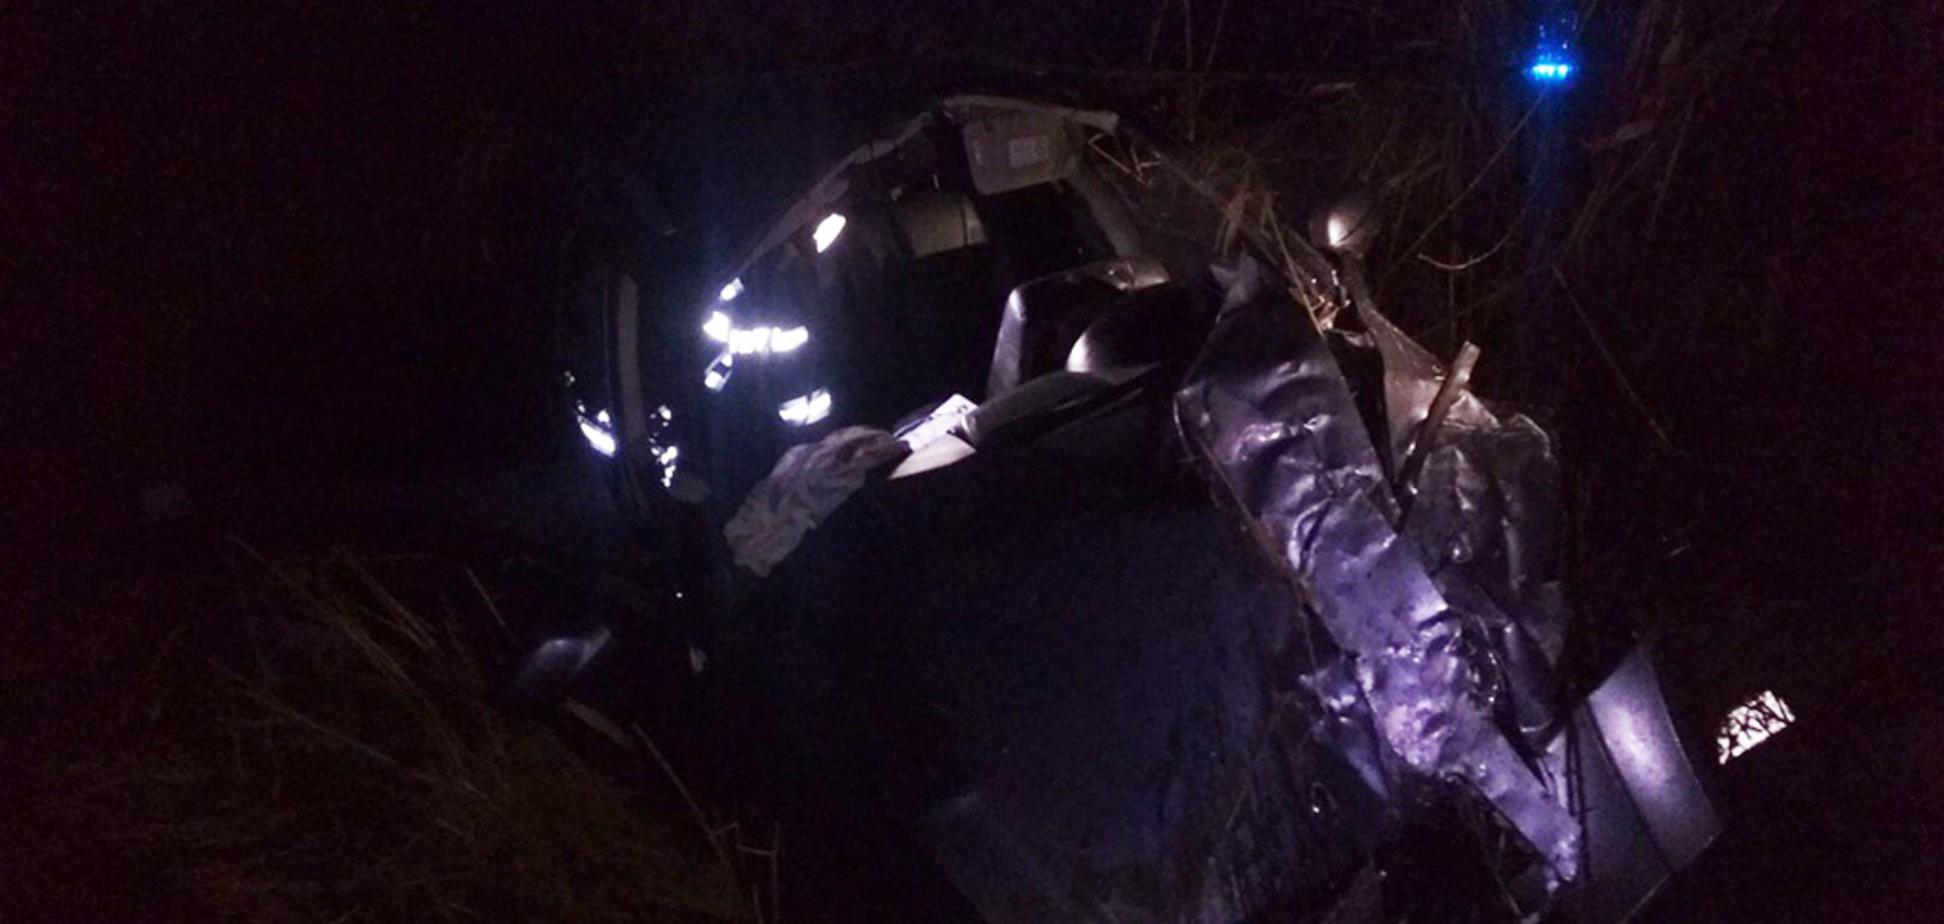 Под Днепром произошло жесткое ДТП: есть пострадавшие. Фото